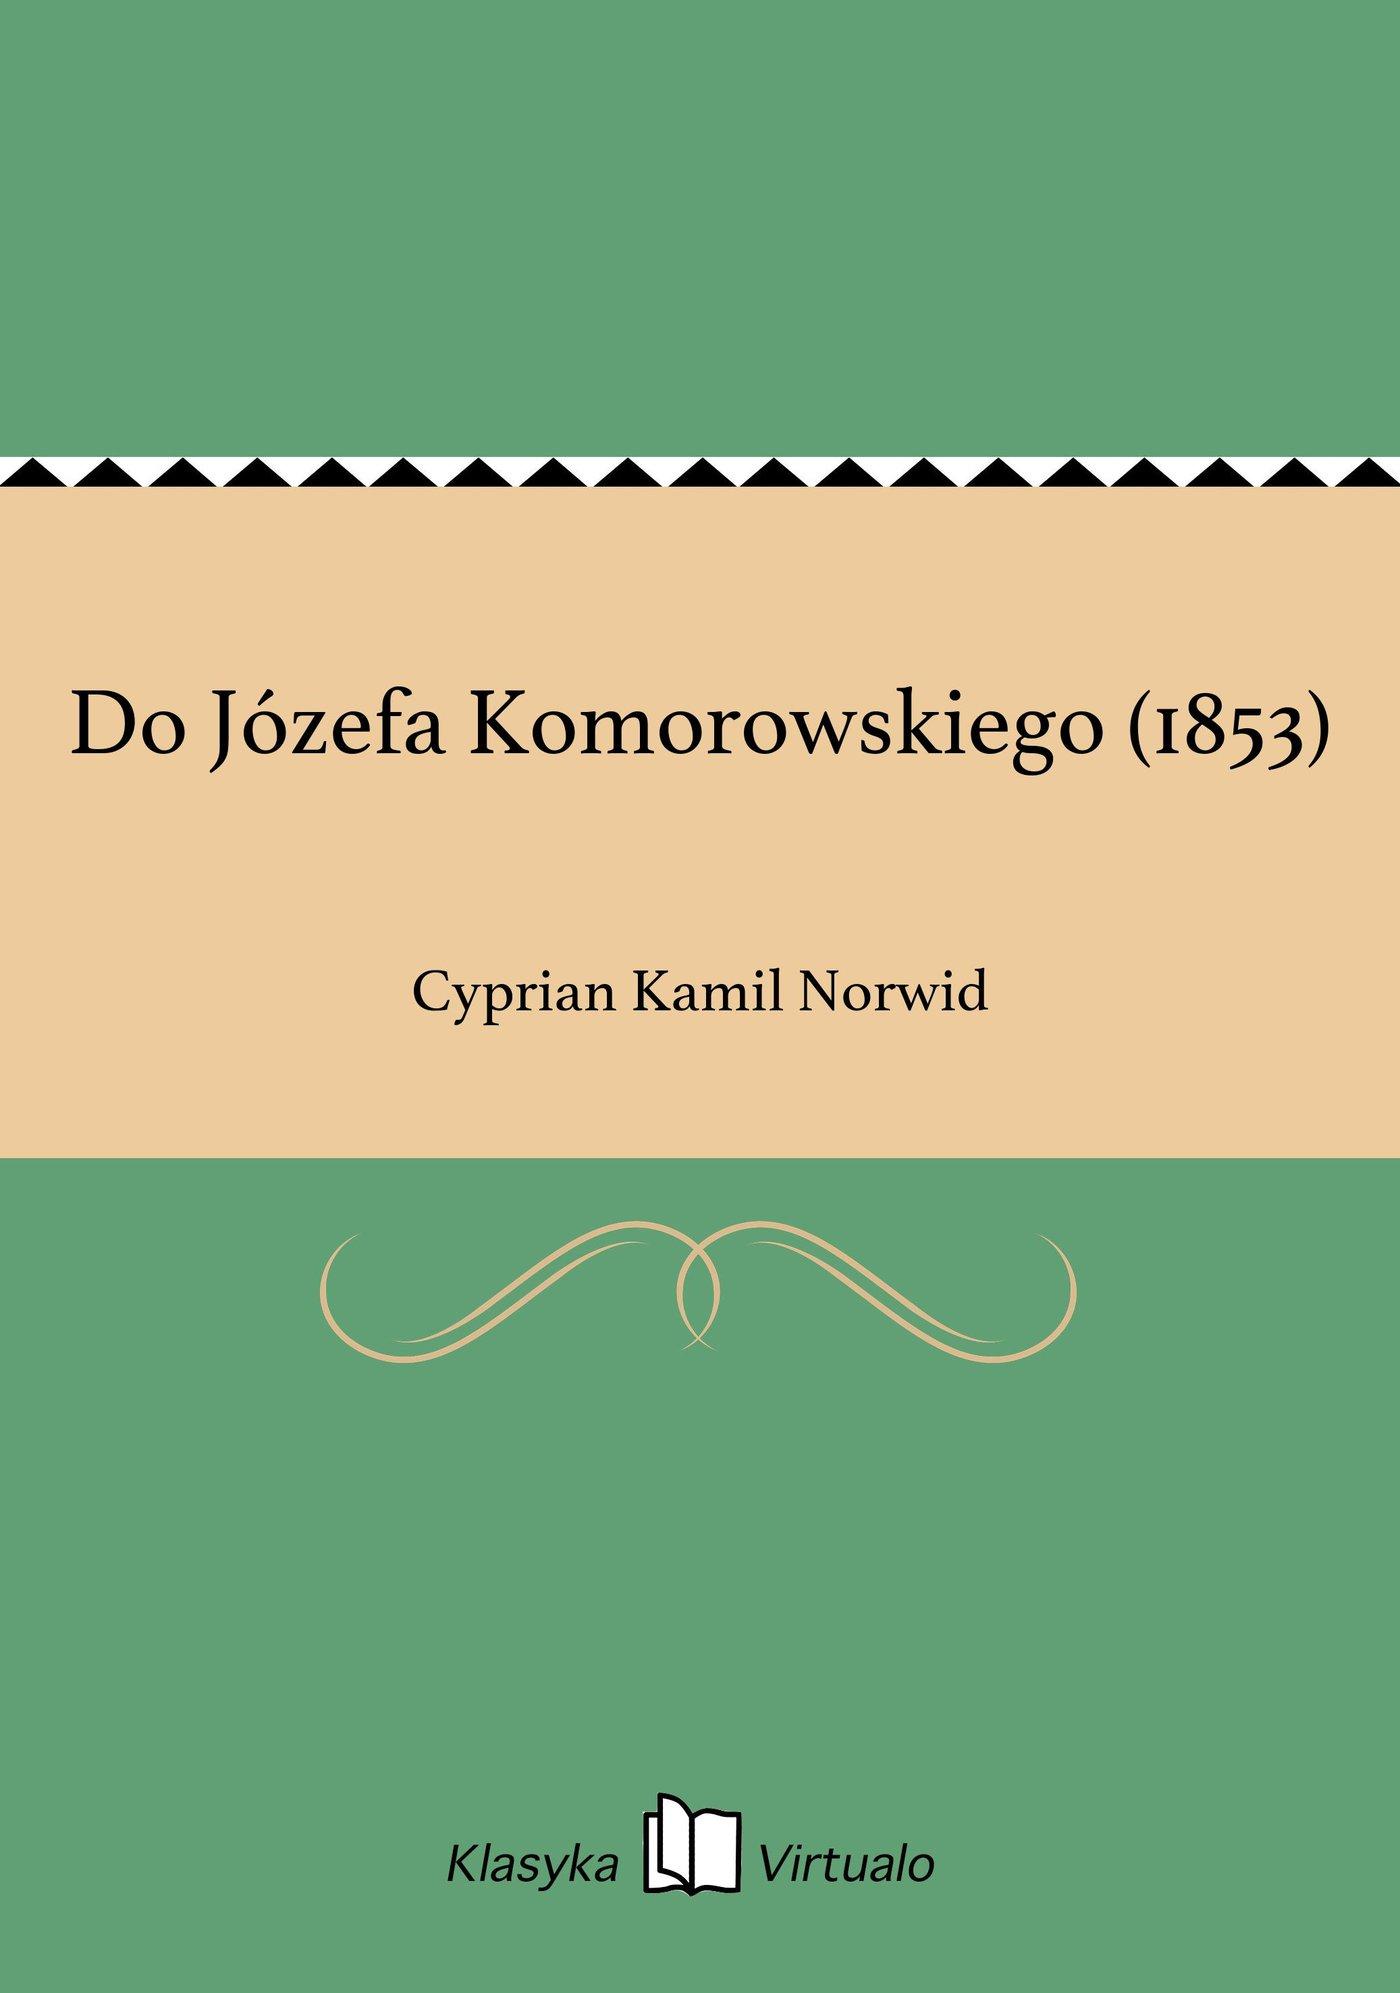 Do Józefa Komorowskiego (1853) - Ebook (Książka EPUB) do pobrania w formacie EPUB